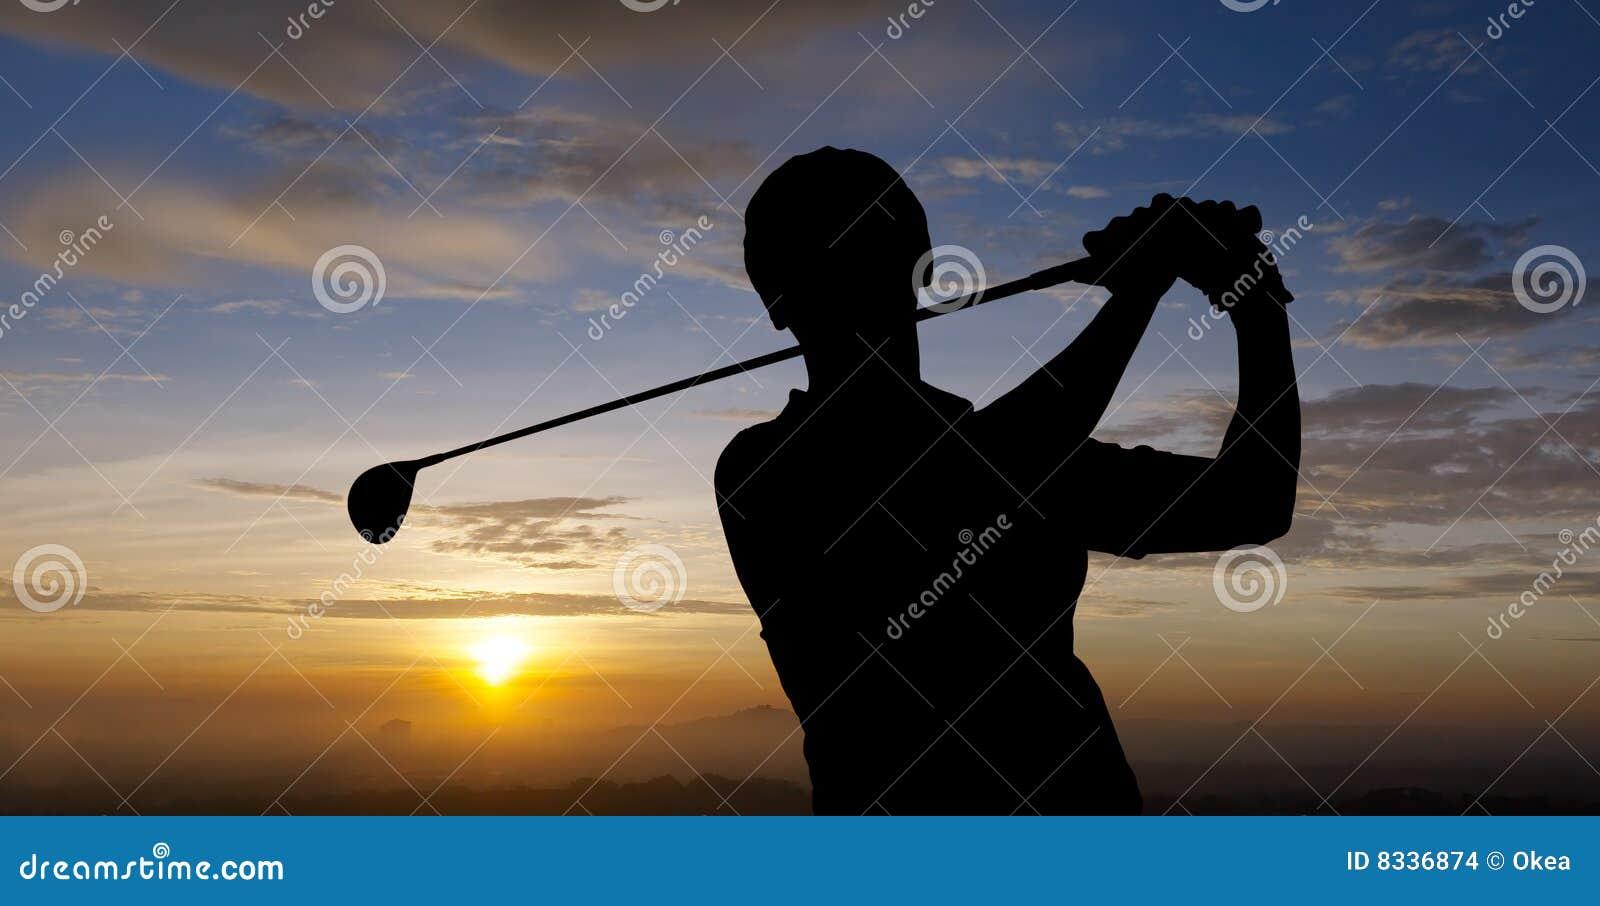 силуэт игрока в гольф